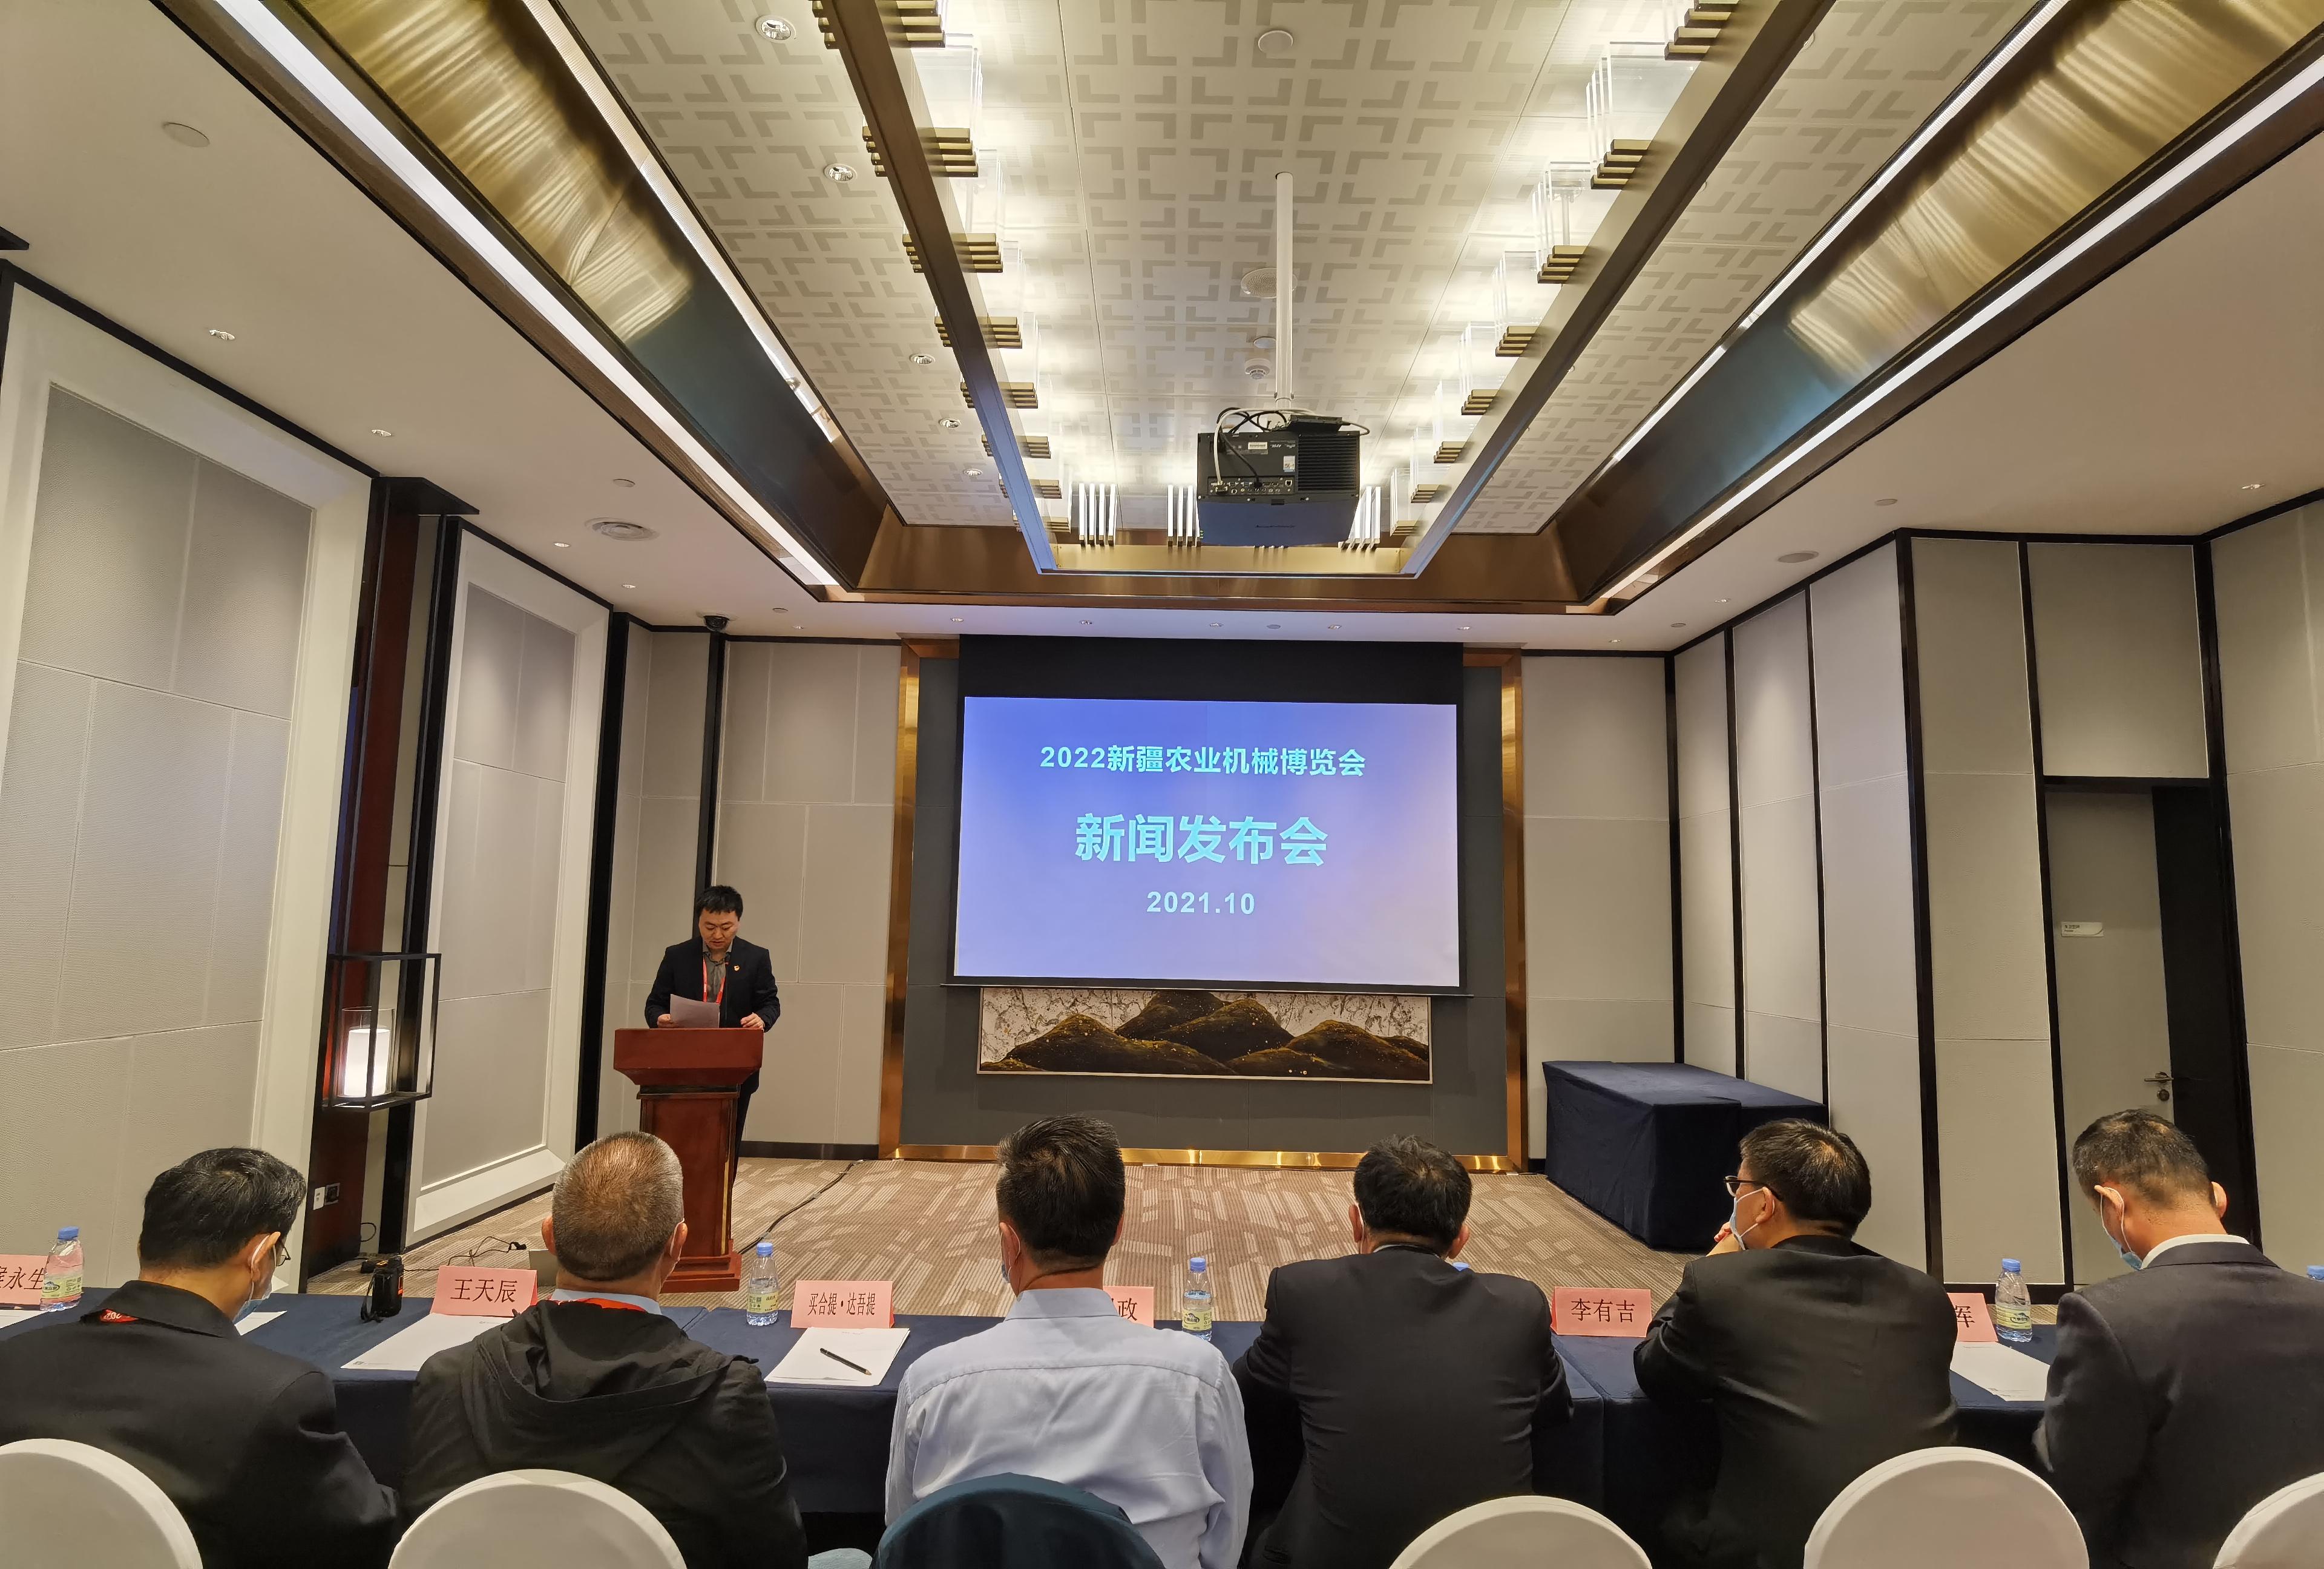 2022新疆农机展拟定于5月25日-27日在新疆国际会展中心举办